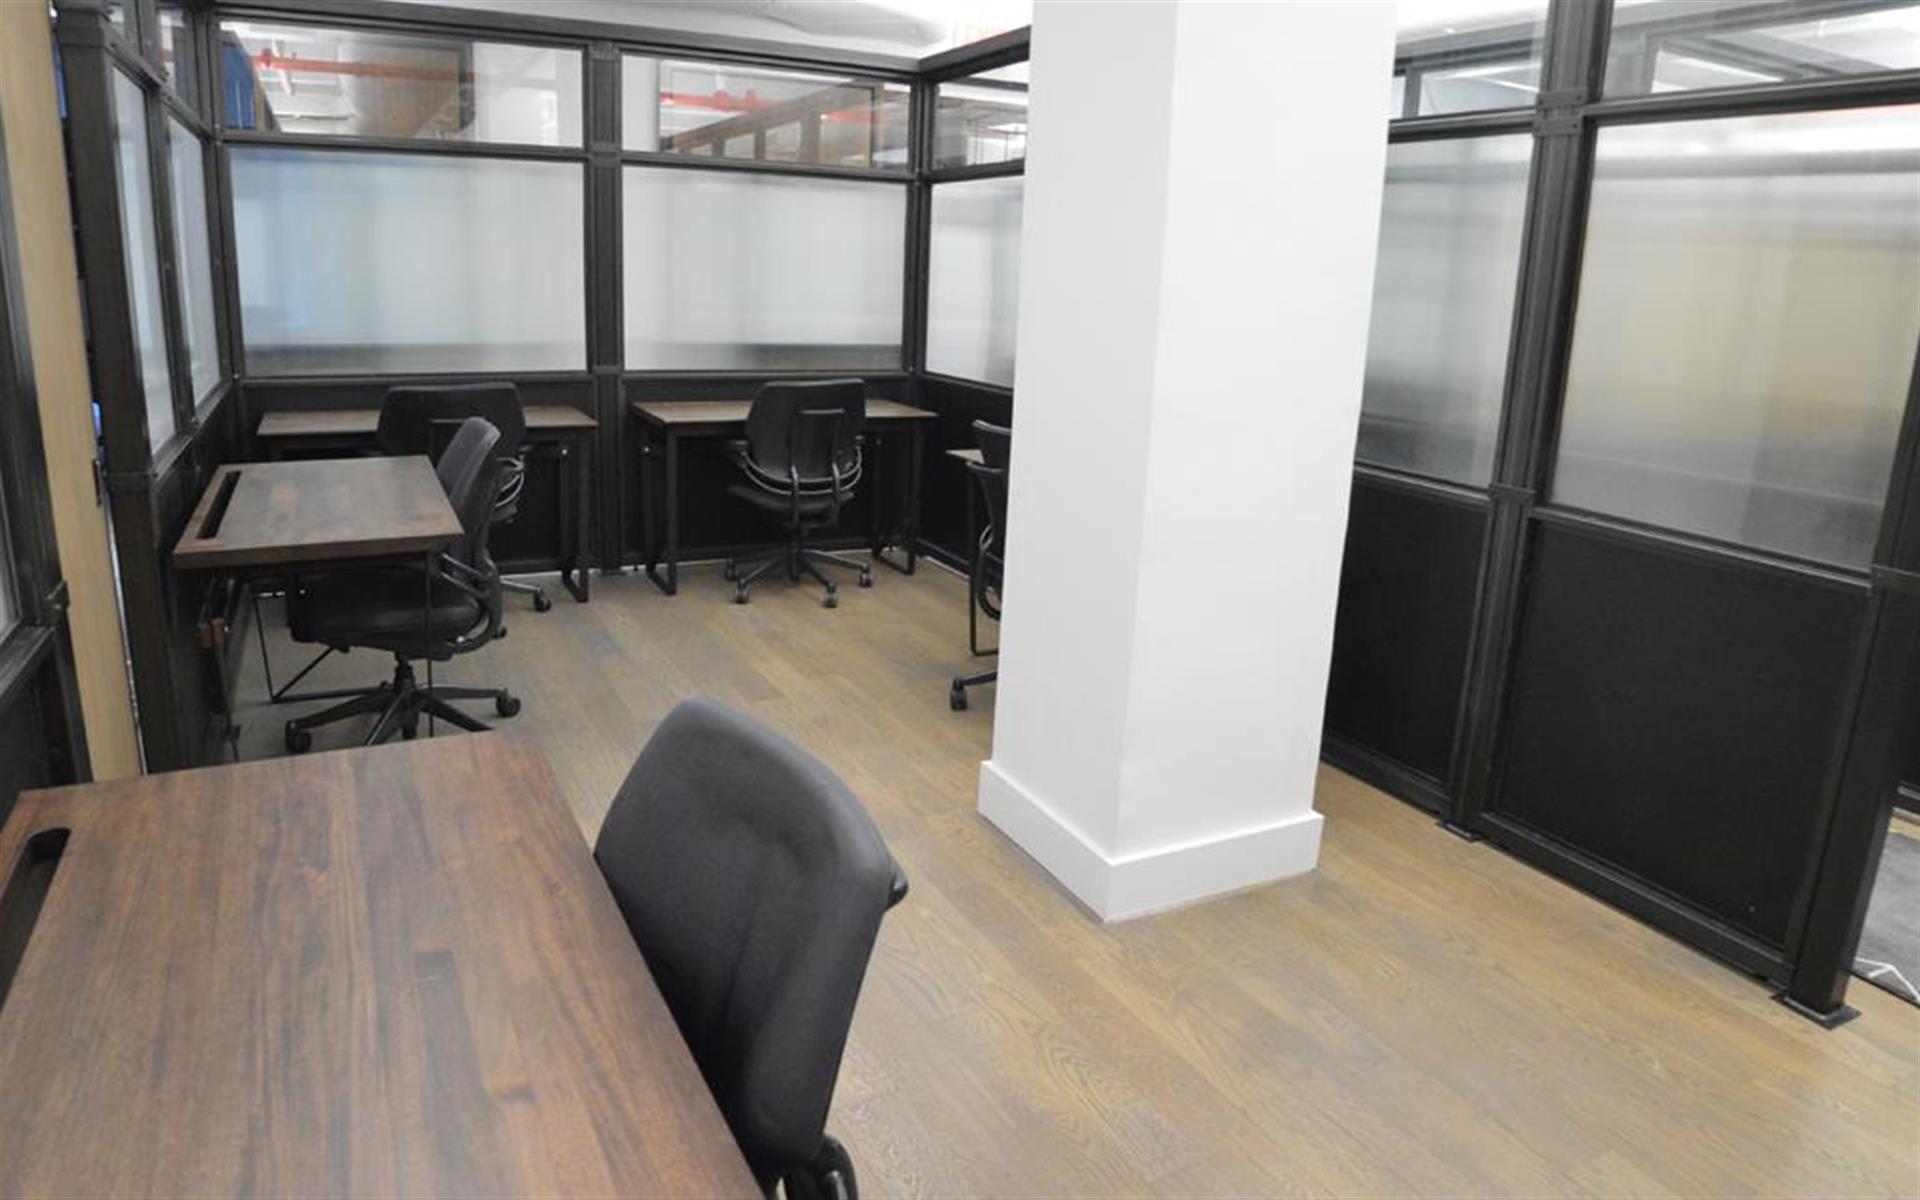 BLENDER WORKSPACE - 8 Desk Private Office